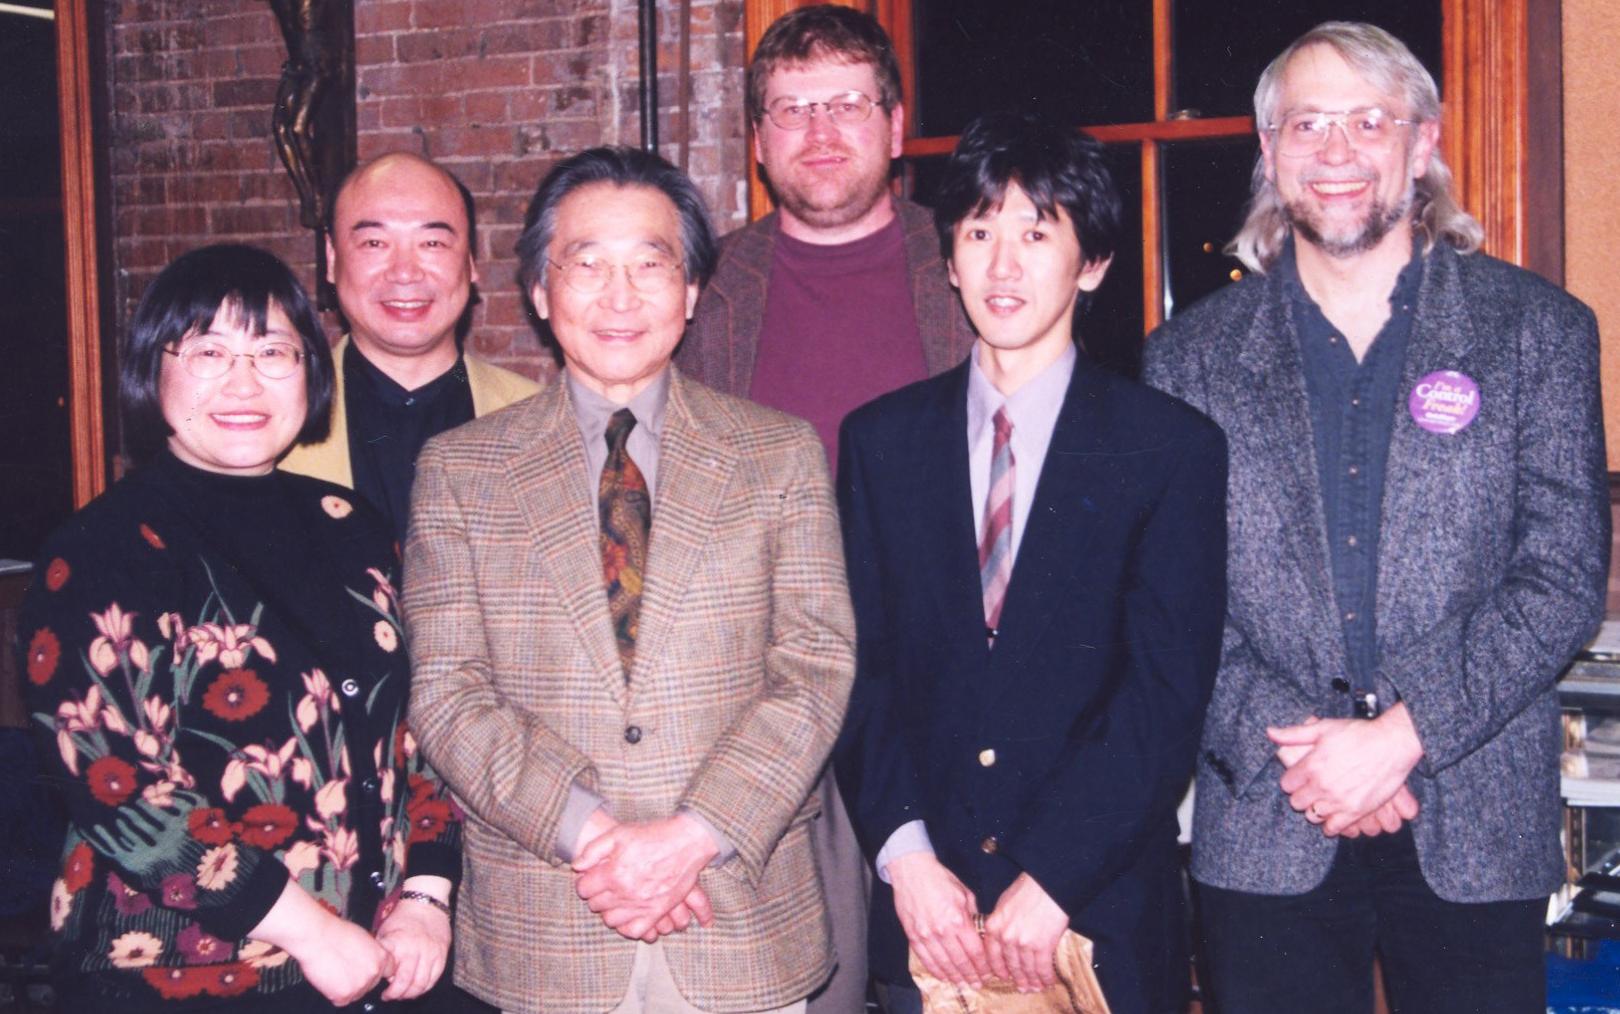 Chen Yi, Zhou Long. Chou Wen-chung, Paul Rudy, Kihei Mukai, and James Mobberley